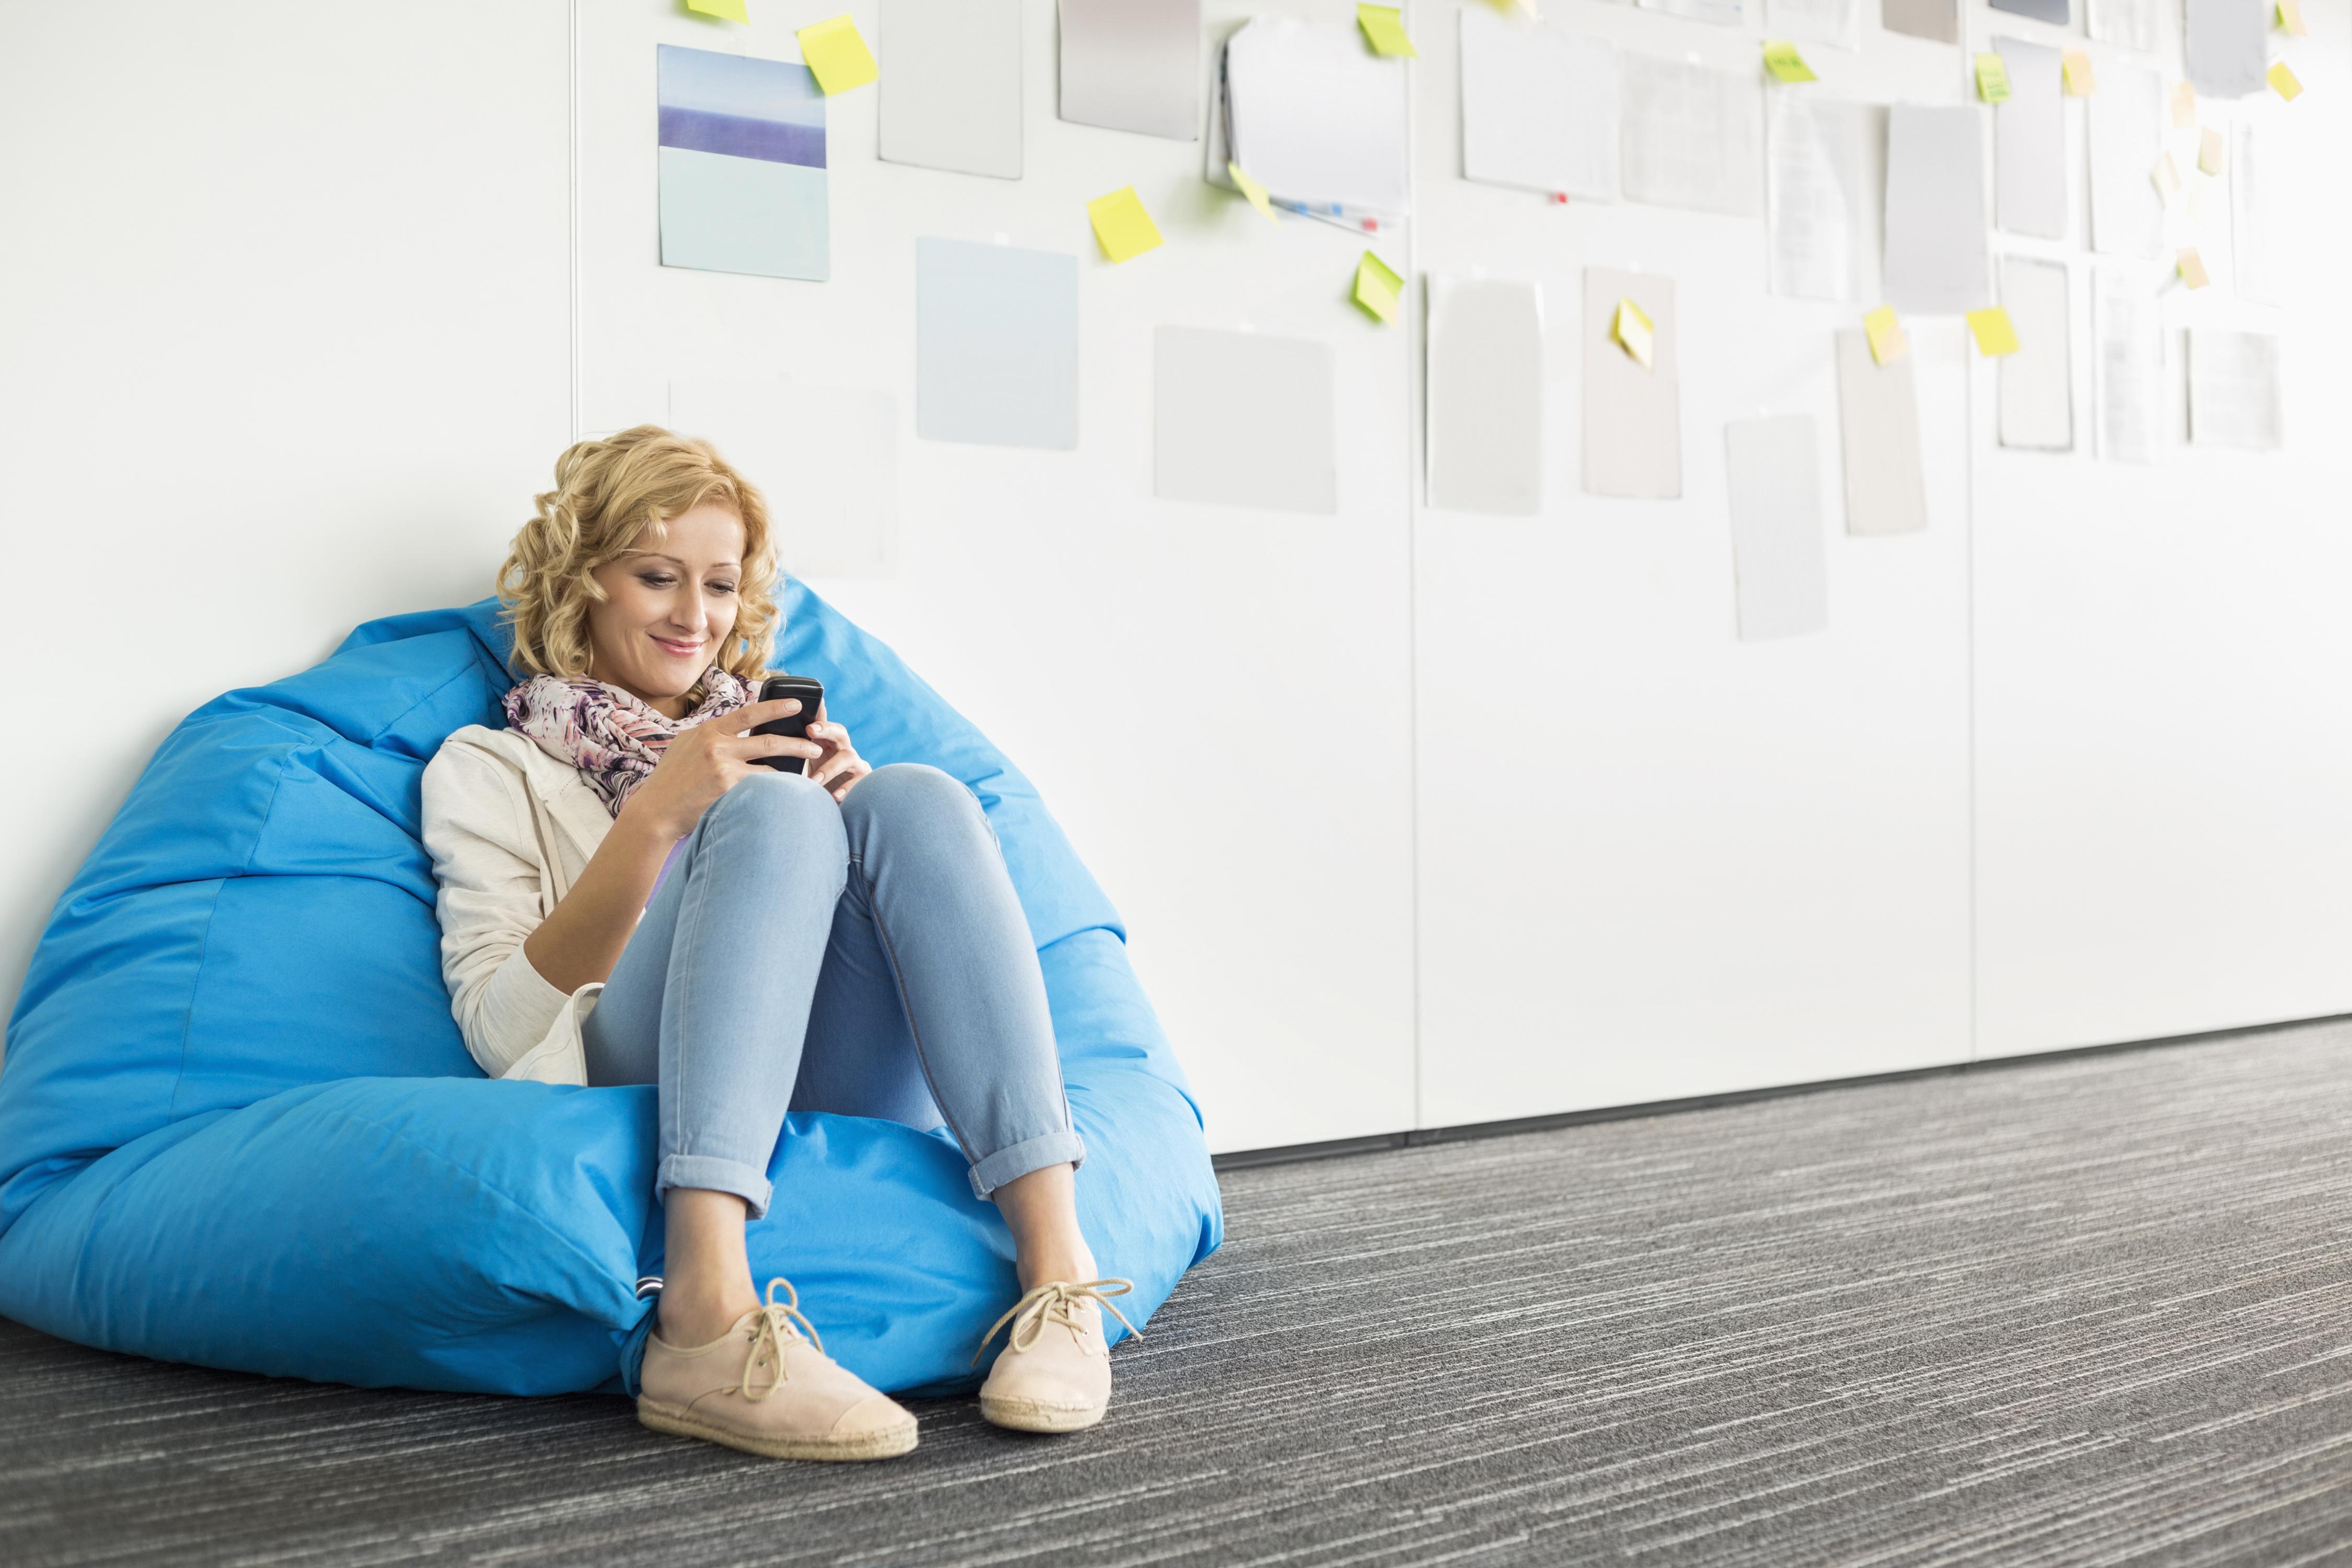 Fotos von Blond Mädchen Lächeln Mädchens Bein Sitzend Blondine